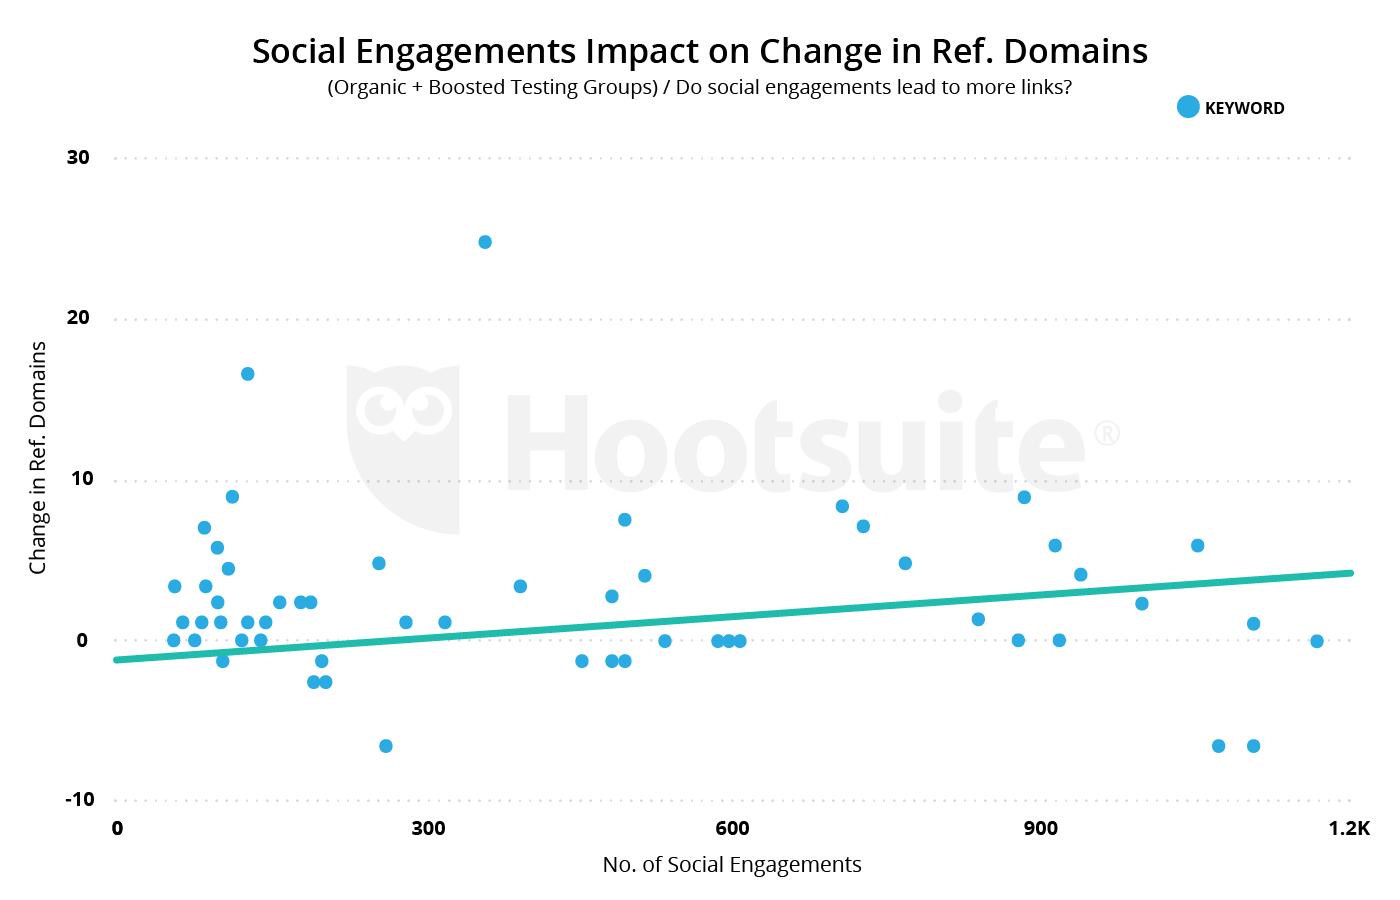 los compromisos sociales impactan en el cambio en los dominios de referencia